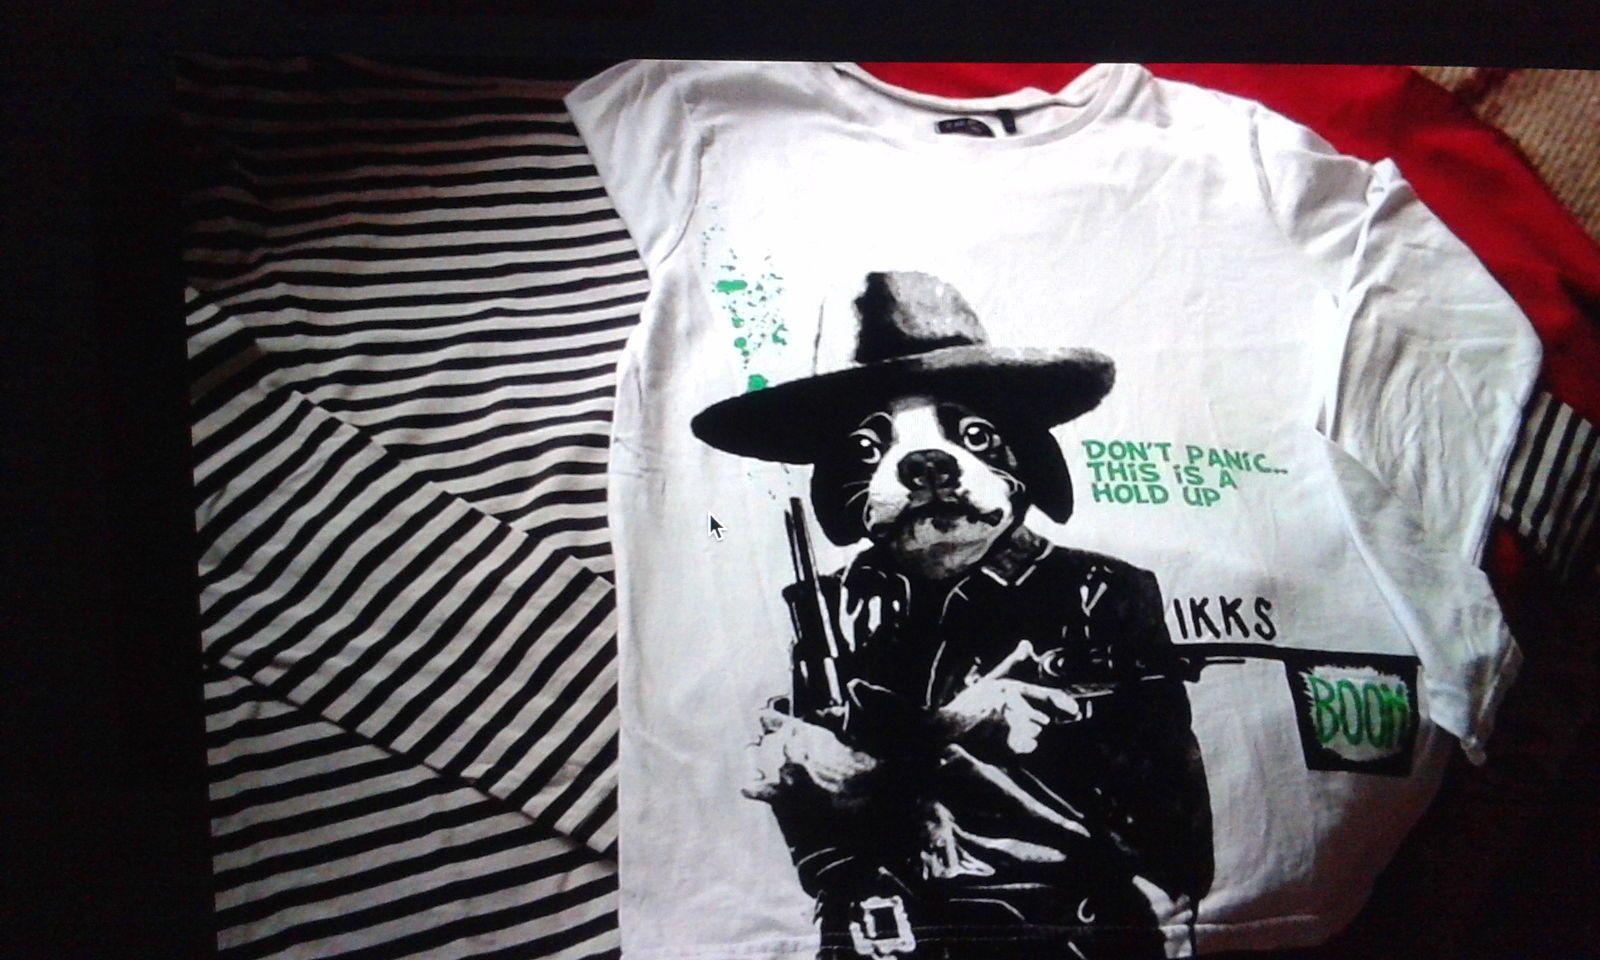 Vends t-shirts garçon IKKS, CFK 12ans